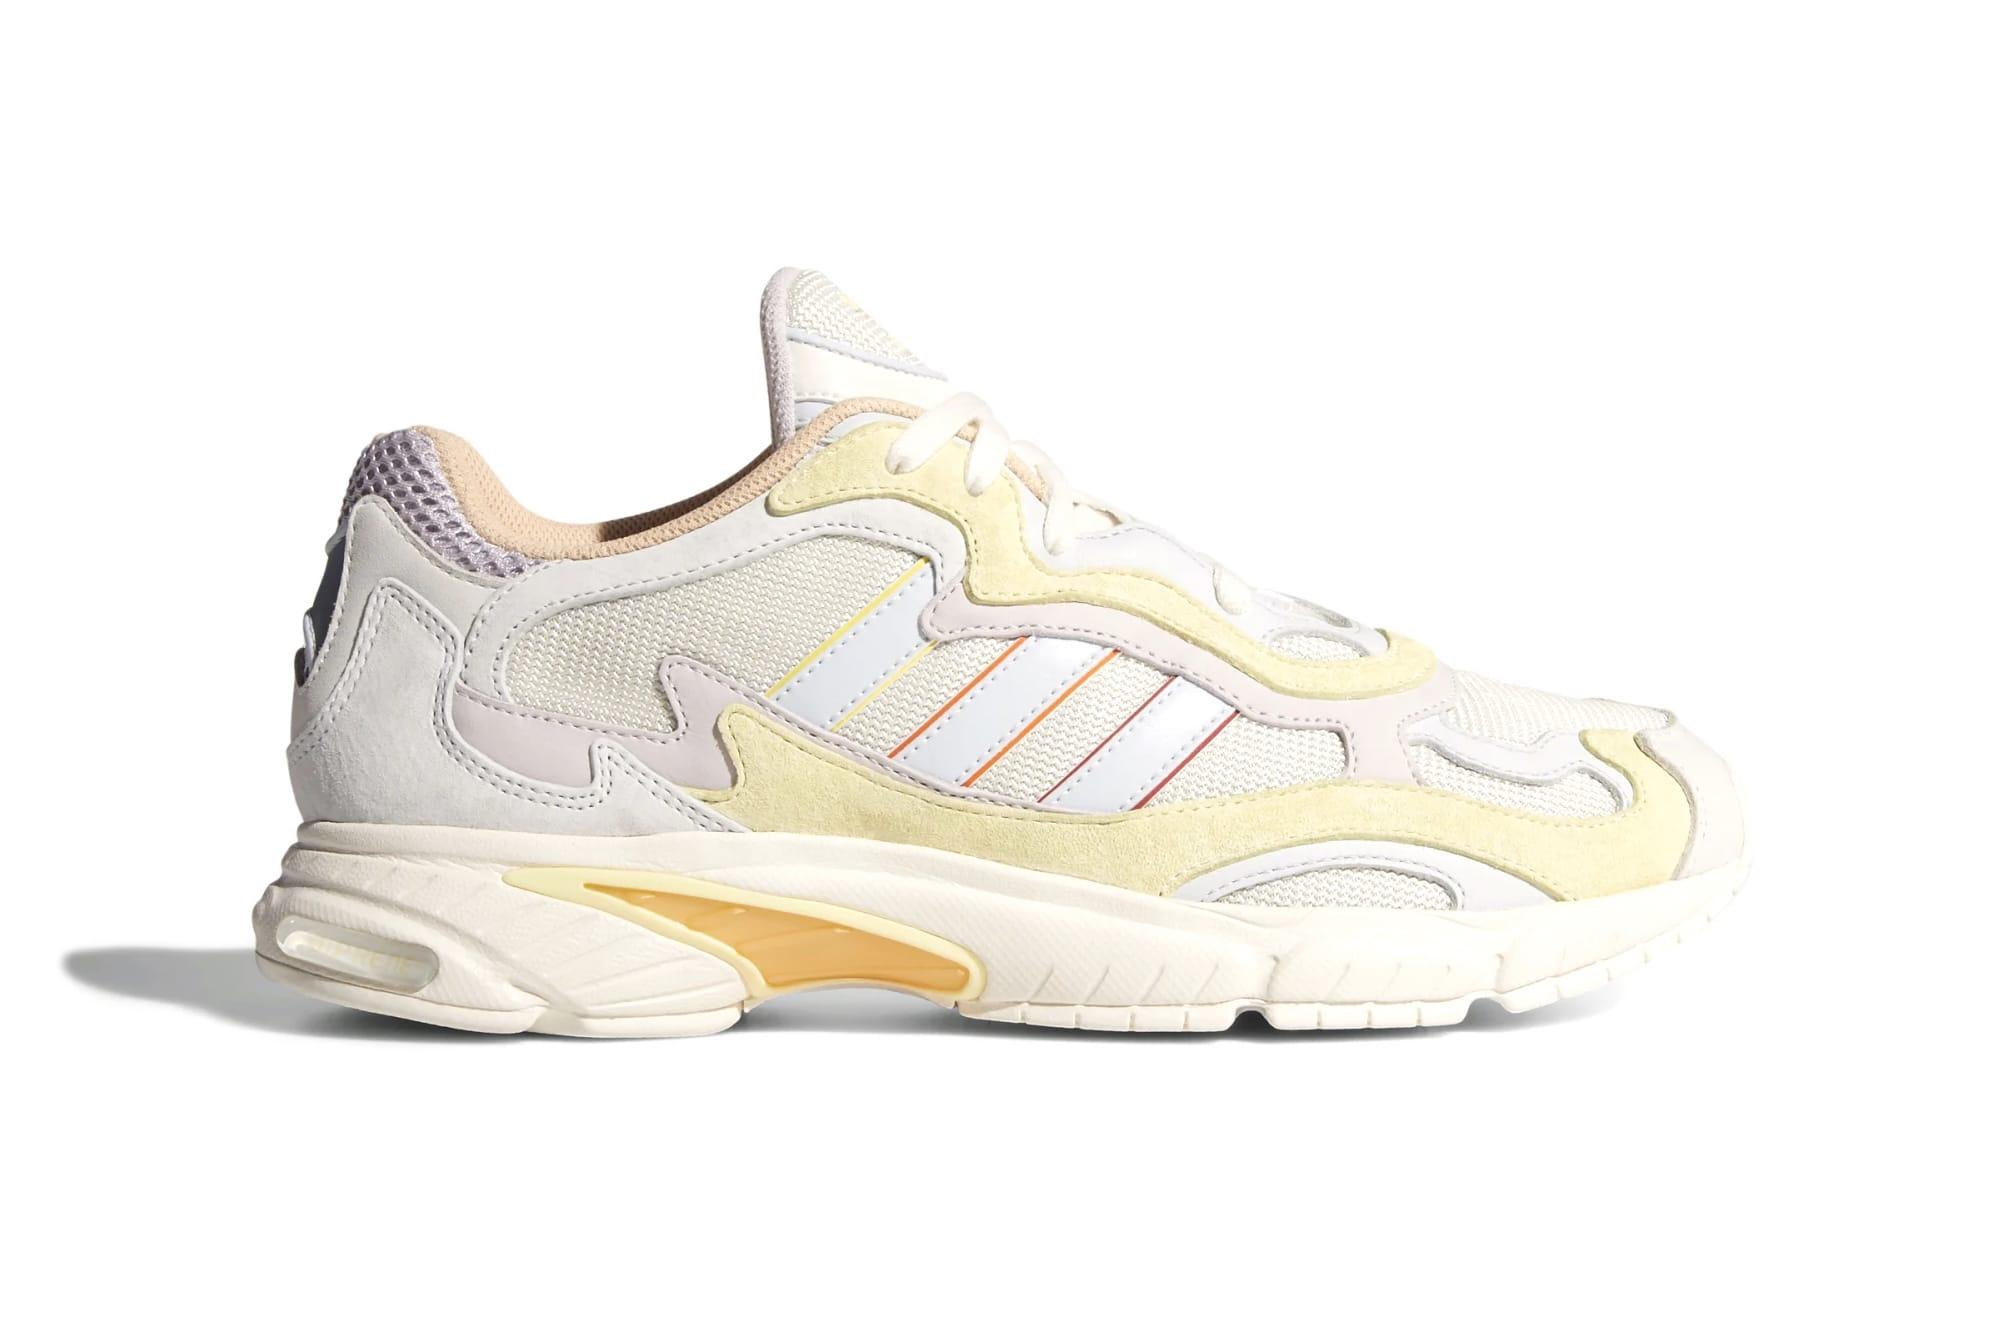 june shoe releases 2019